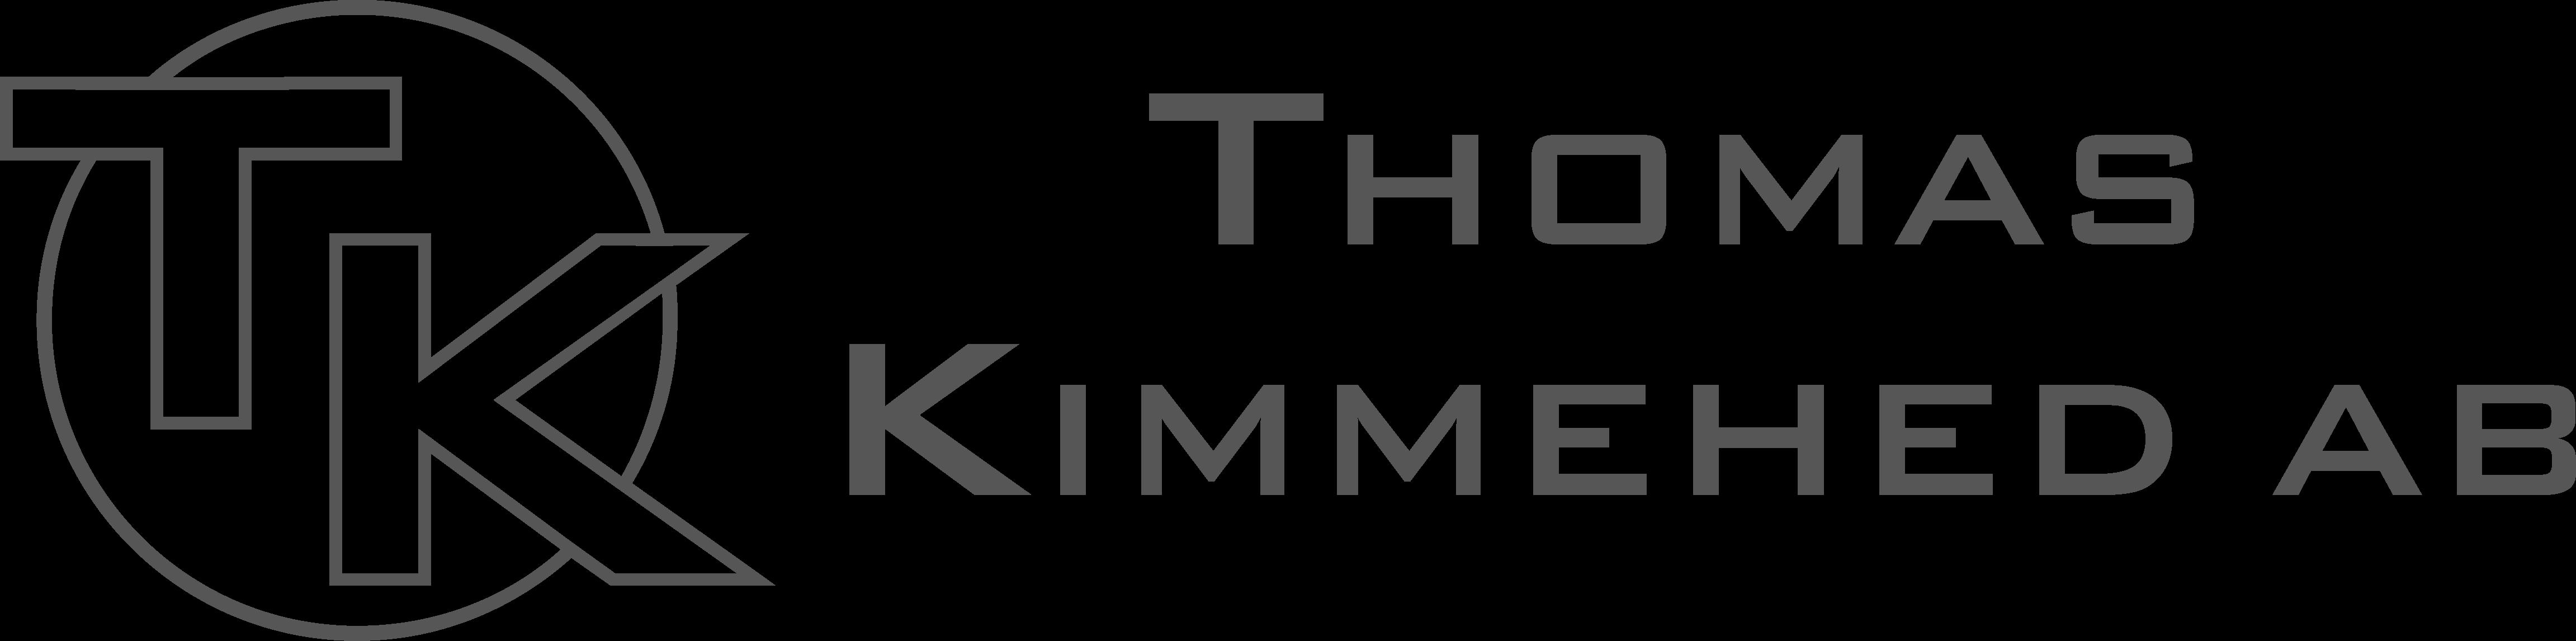 Thomas Kimmehed AB